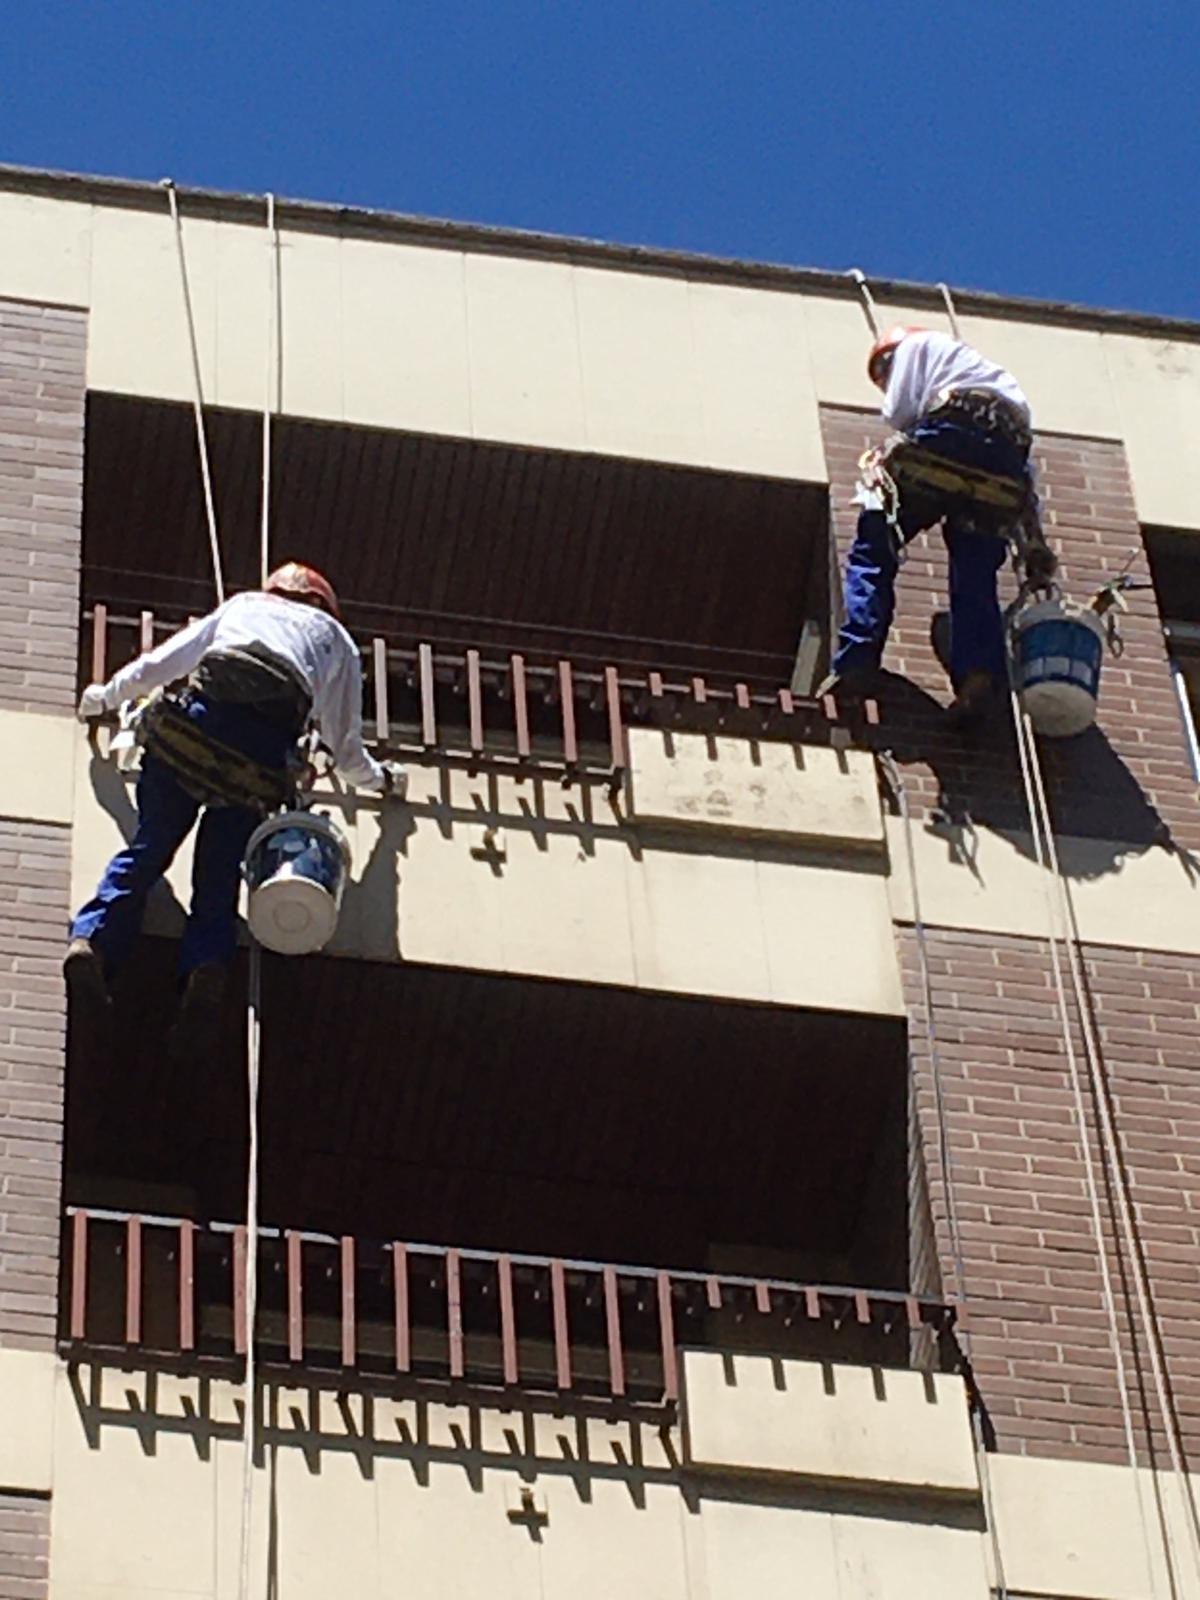 Realizamos mantenimiento y obras para la conservación o mejora de edificios.